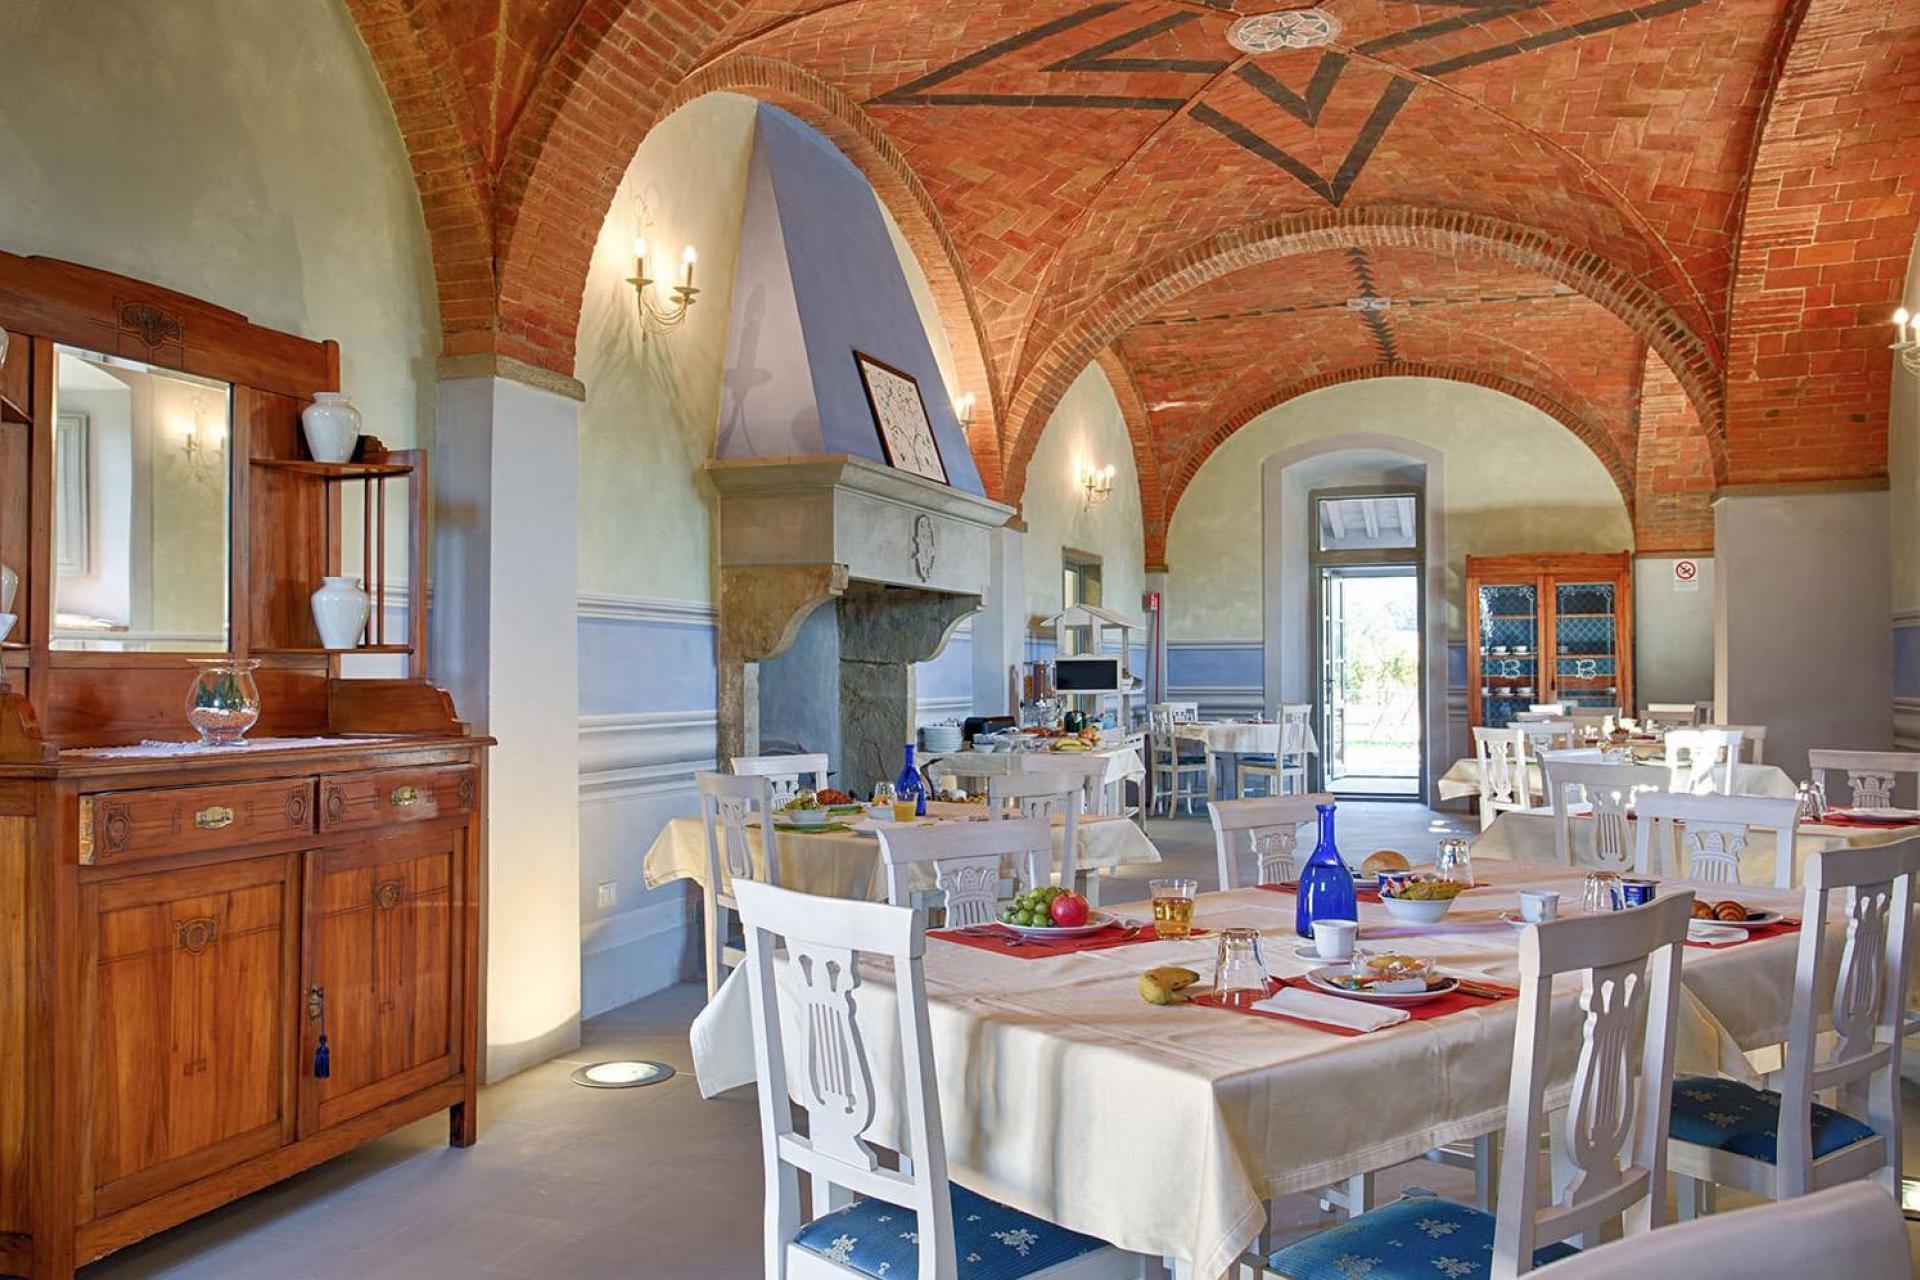 Agriturismo Toscane Leuke agriturismo met gezellig restaurant op loopafstand